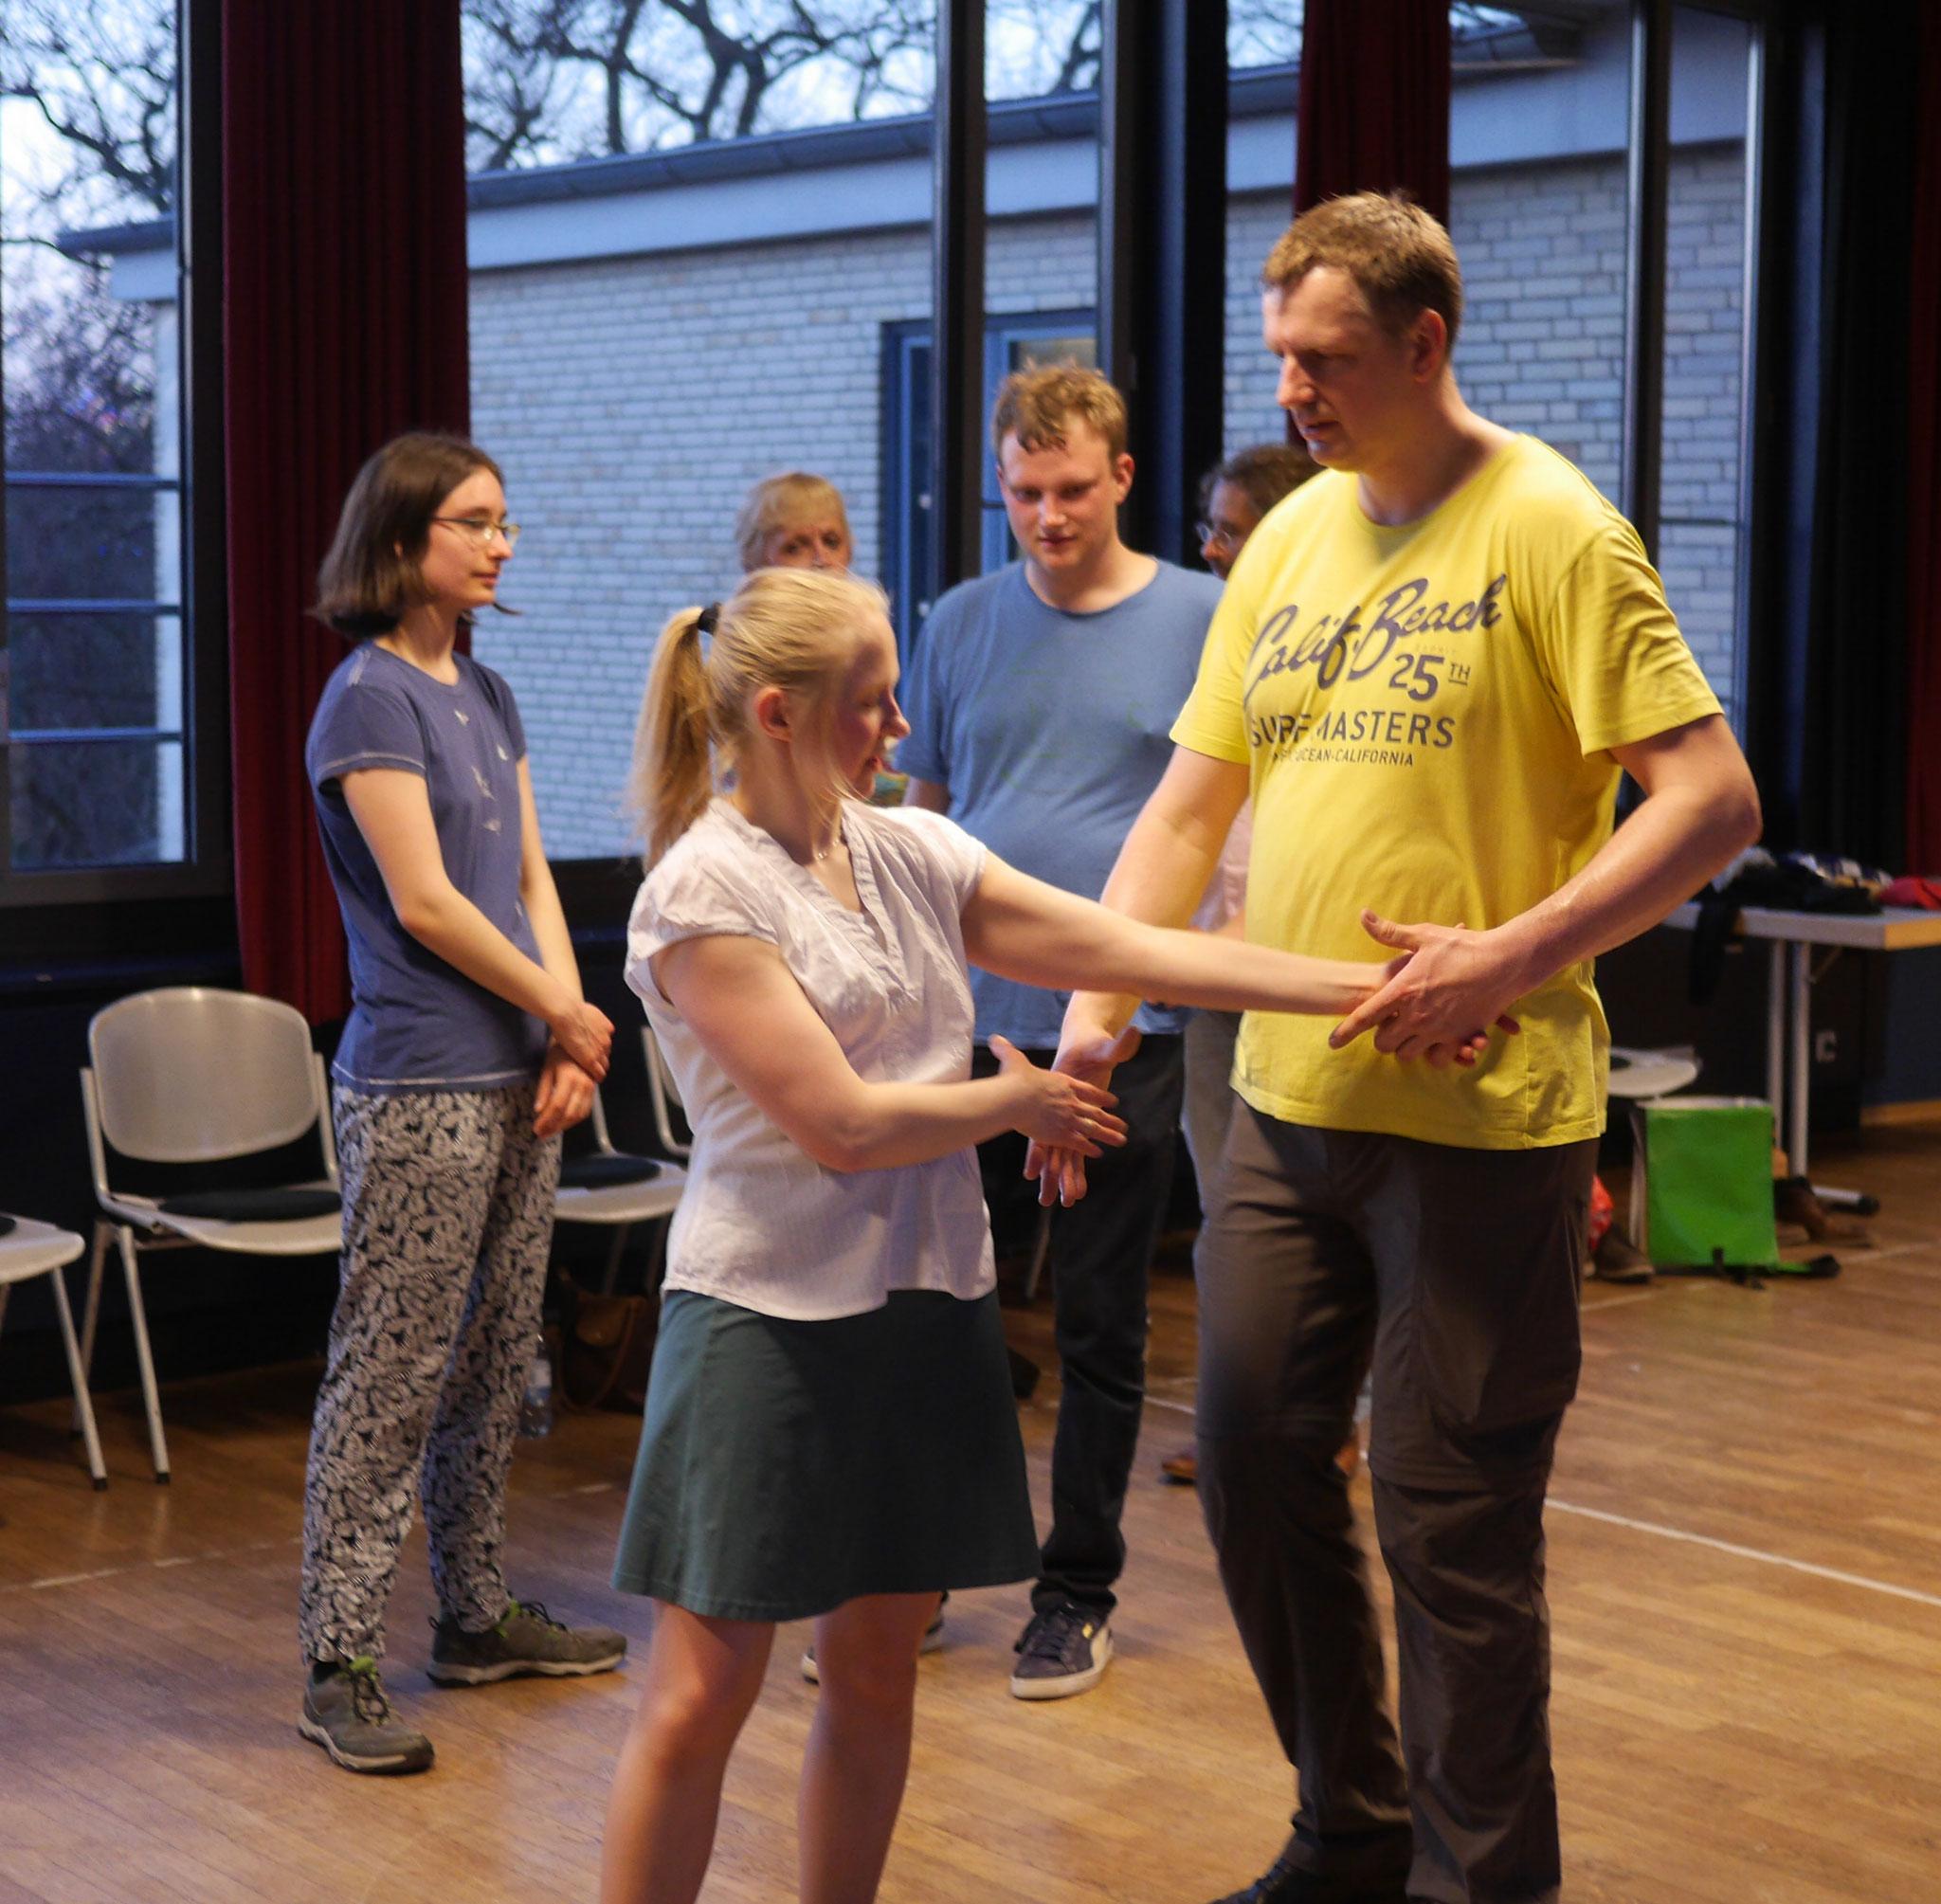 Beim Lernprozess der neuen Tänze müssen auch die Köpfe ganz schon mitarbeiten